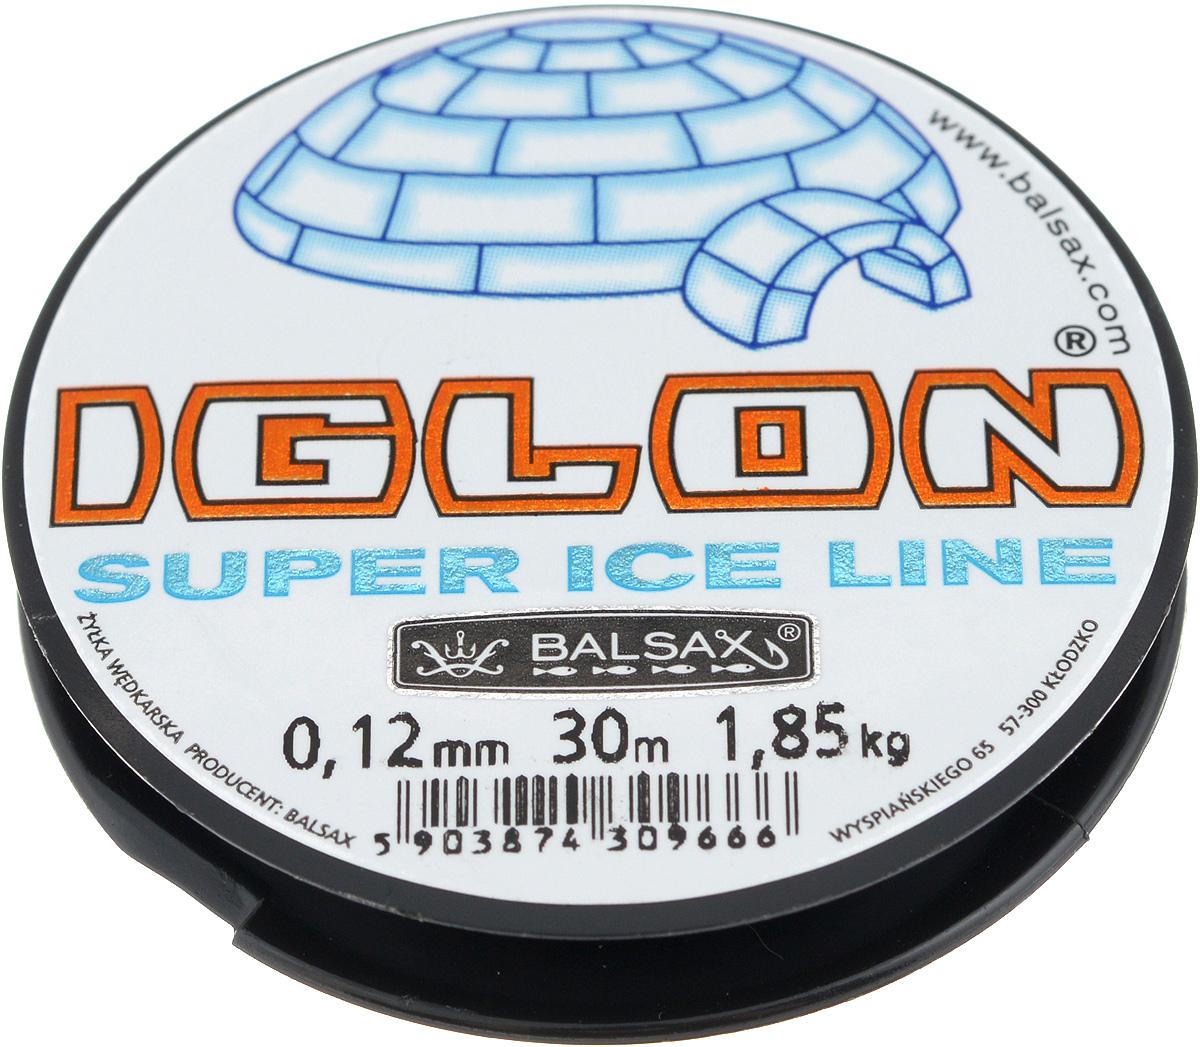 Леска зимняя Balsax Iglon, 30 м, 0,12 мм, 1,85 кг310-07012Леска Balsax Iglon изготовлена из 100% нейлона и очень хорошо выдерживает низкие температуры. Даже в самом холодном климате, при температуре вплоть до -40°C, она сохраняет свои свойства практически без изменений, в то время как традиционные лески становятся менее эластичными и теряют прочность.Поверхность лески обработана таким образом, что она не обмерзает и отлично подходит для подледного лова. Прочна в местах вязки узлов даже при минимальном диаметре.